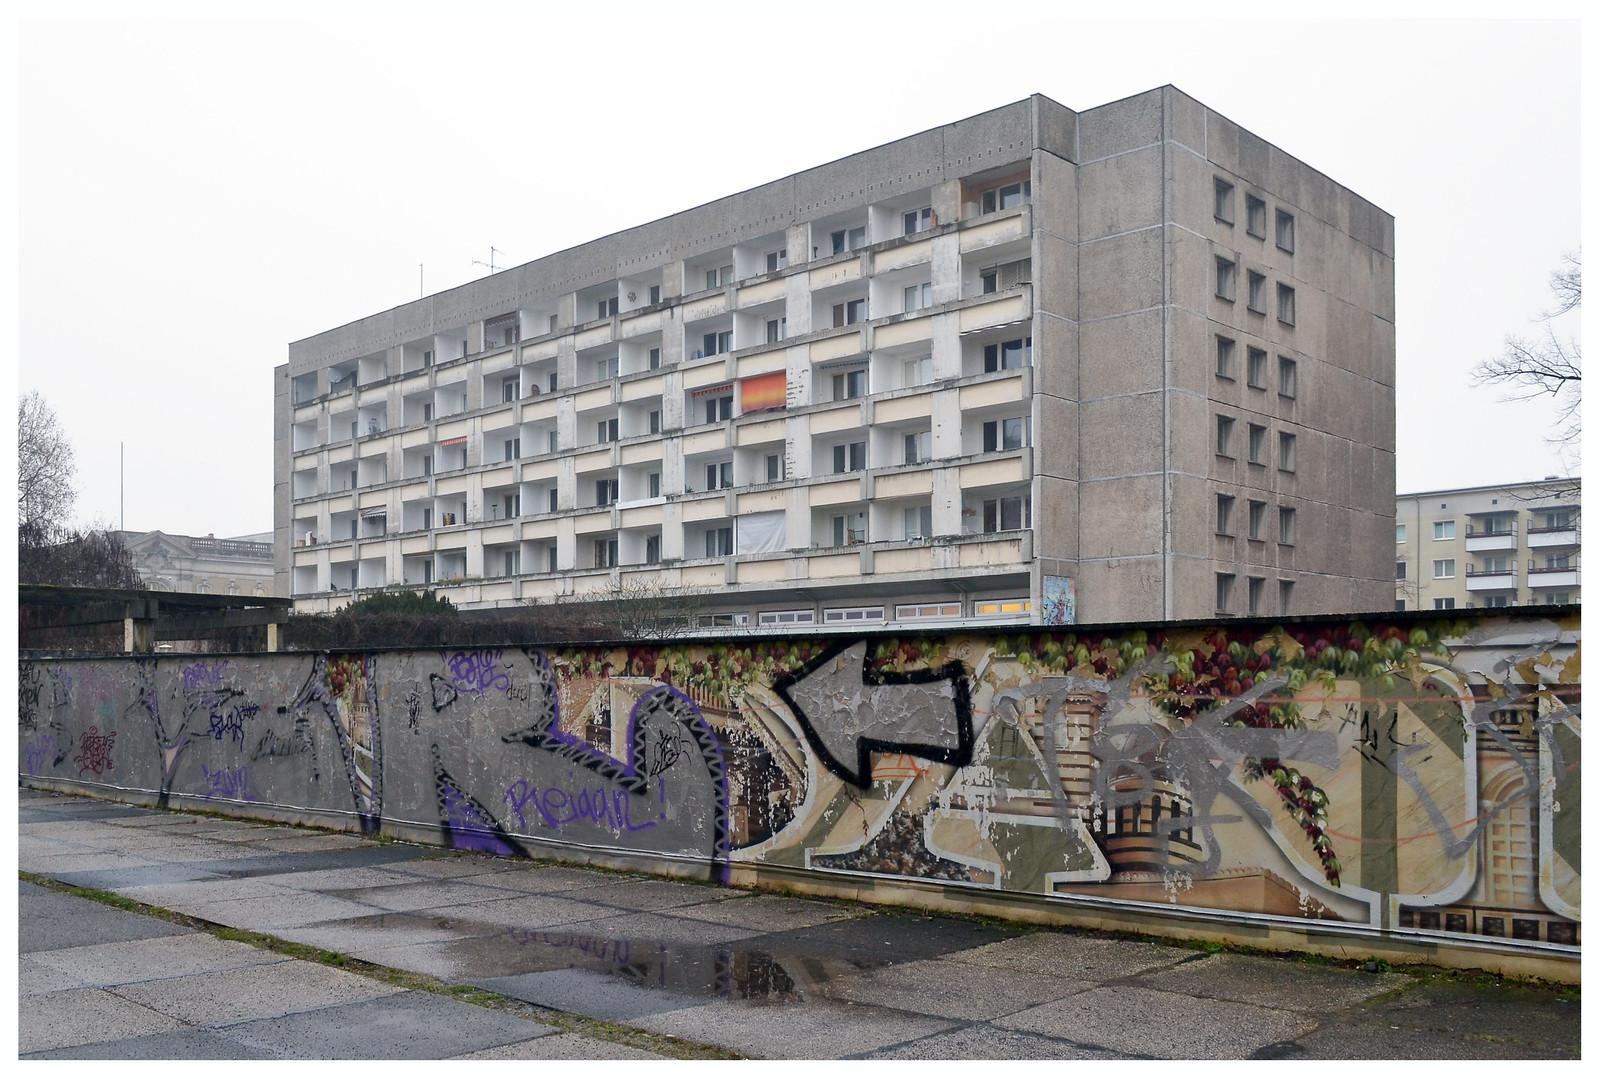 Potsdam VI 2017 | by derkleinekönig